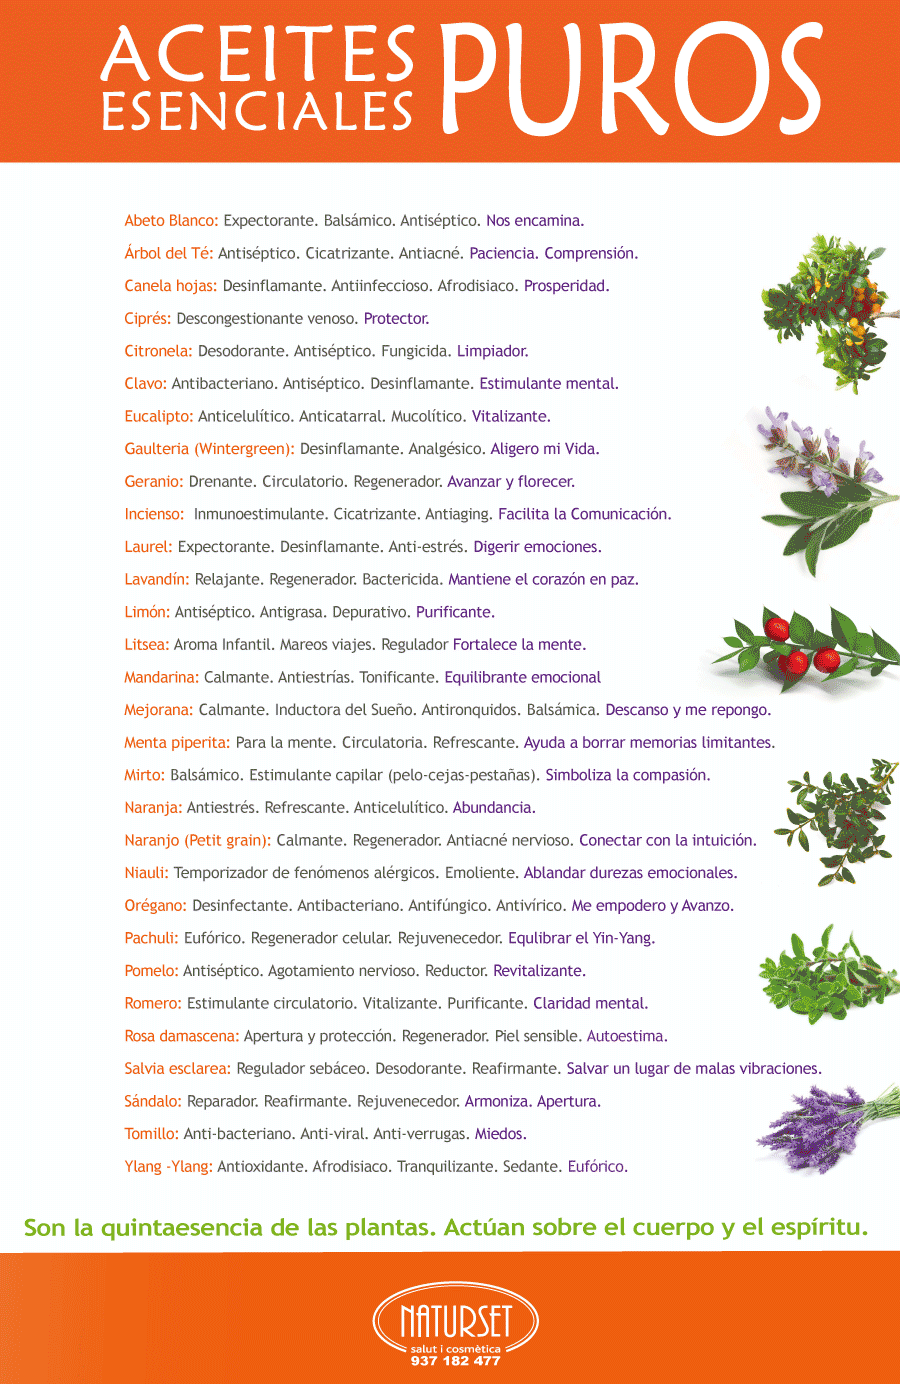 Aceites Esenciales Puros en NATURSET